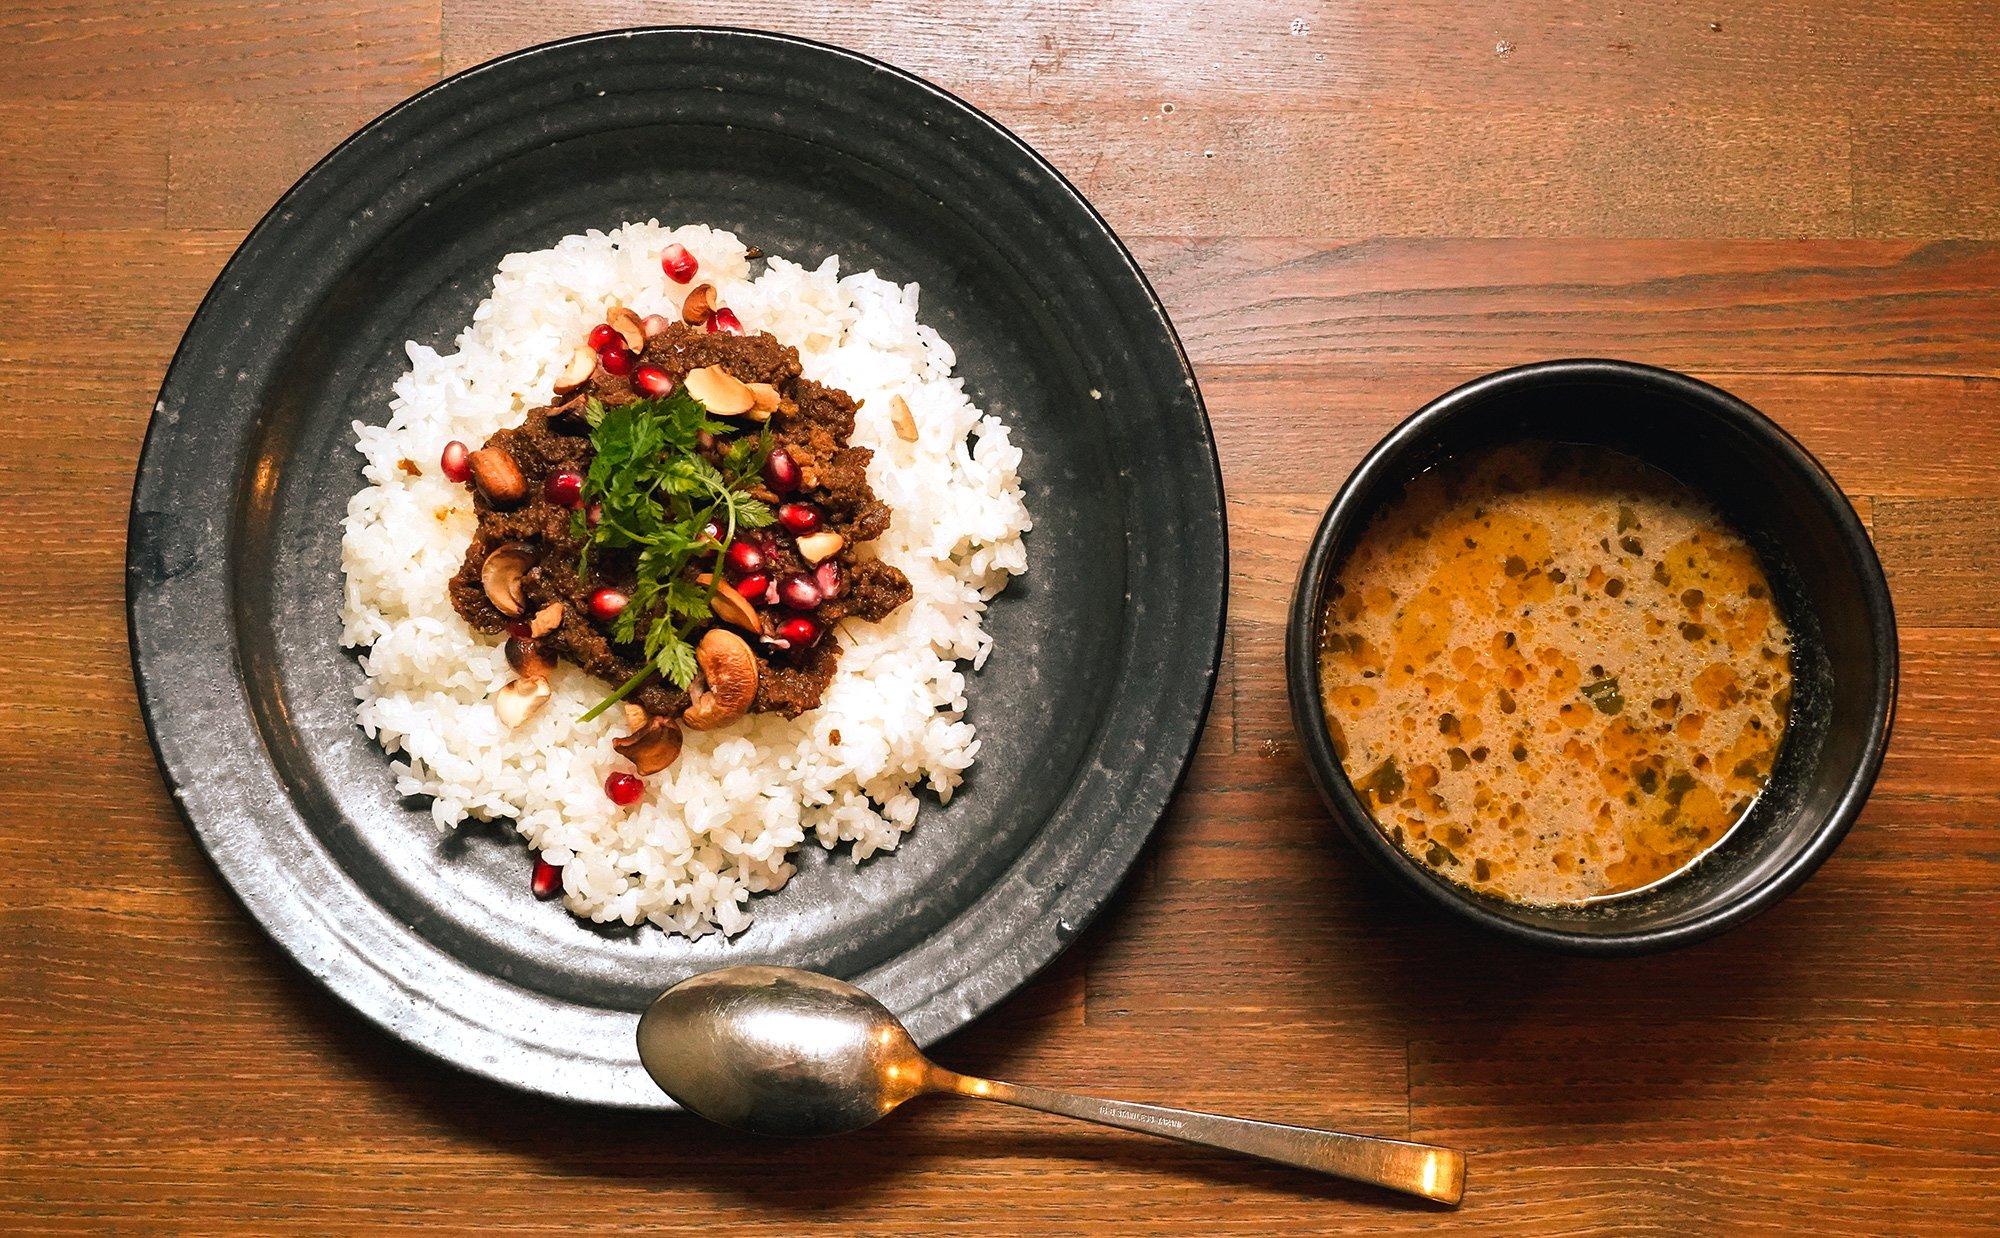 Gharきのこと牛肉のカレー 1個から購入可能